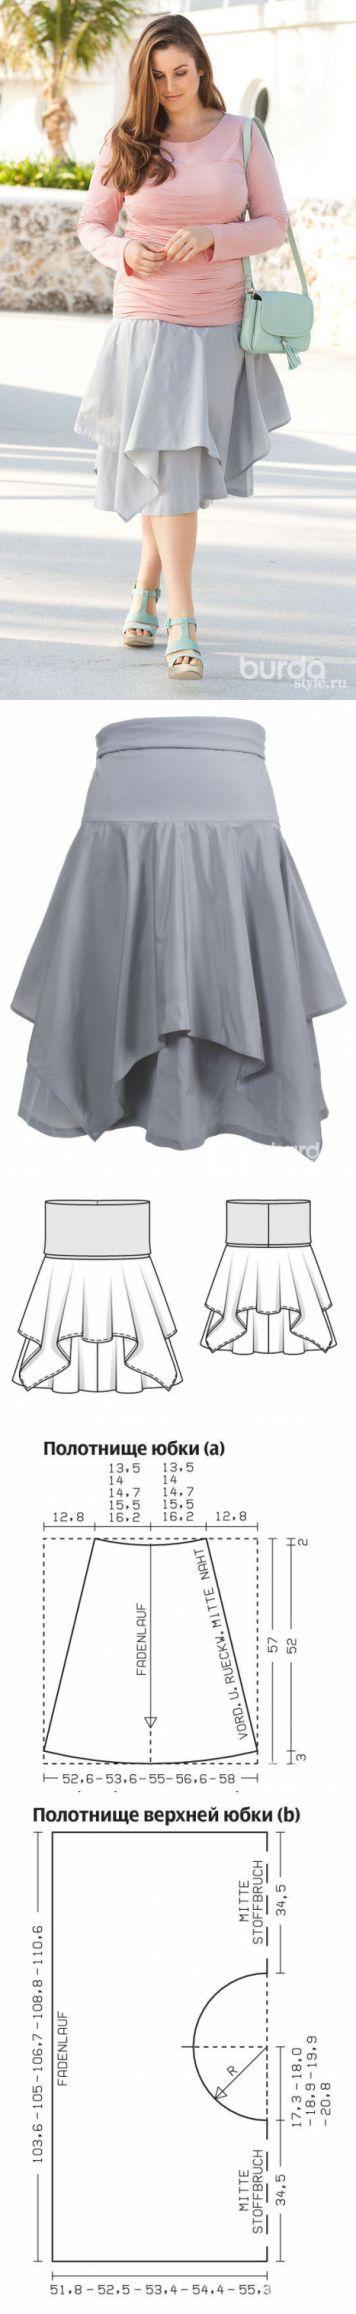 Выкройка юбки для полных / BurdaStyle: мастер-классы   Шитьё   Постила